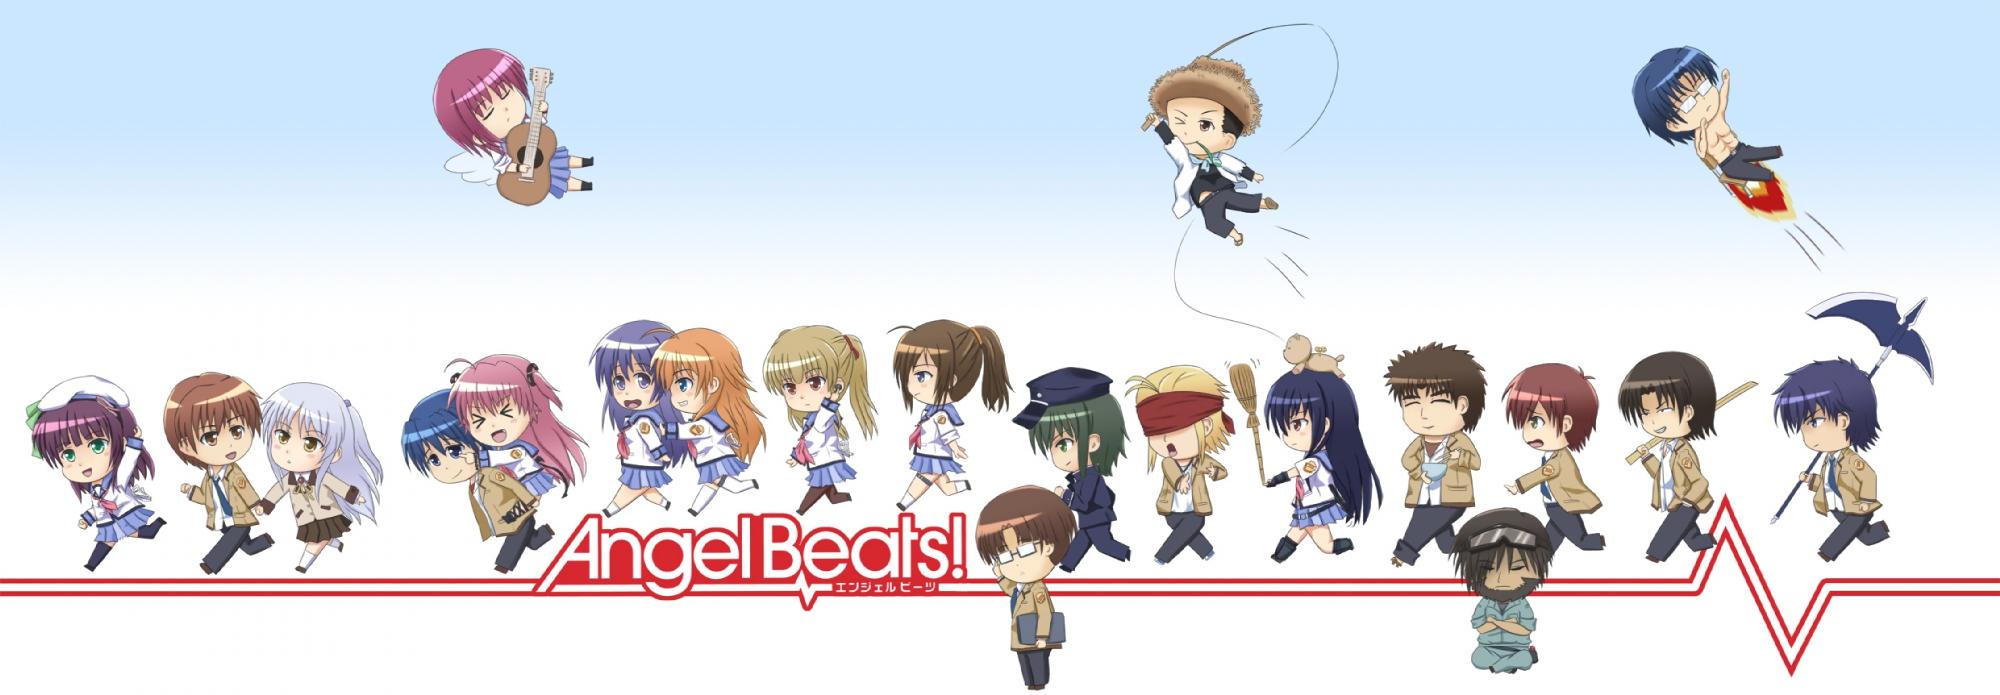 angel_beats! chaa chibi fish_saito fujimaki hinata_hideki hisako irie_miyuki iwasawa_masami matsushita nakamura_yuri naoi_ayato noda ooyama otonashi_yuzuru sekine_shiori shiina tachibana_kanade takamatsu takeyama tk yui_(angel_beats!) yusa